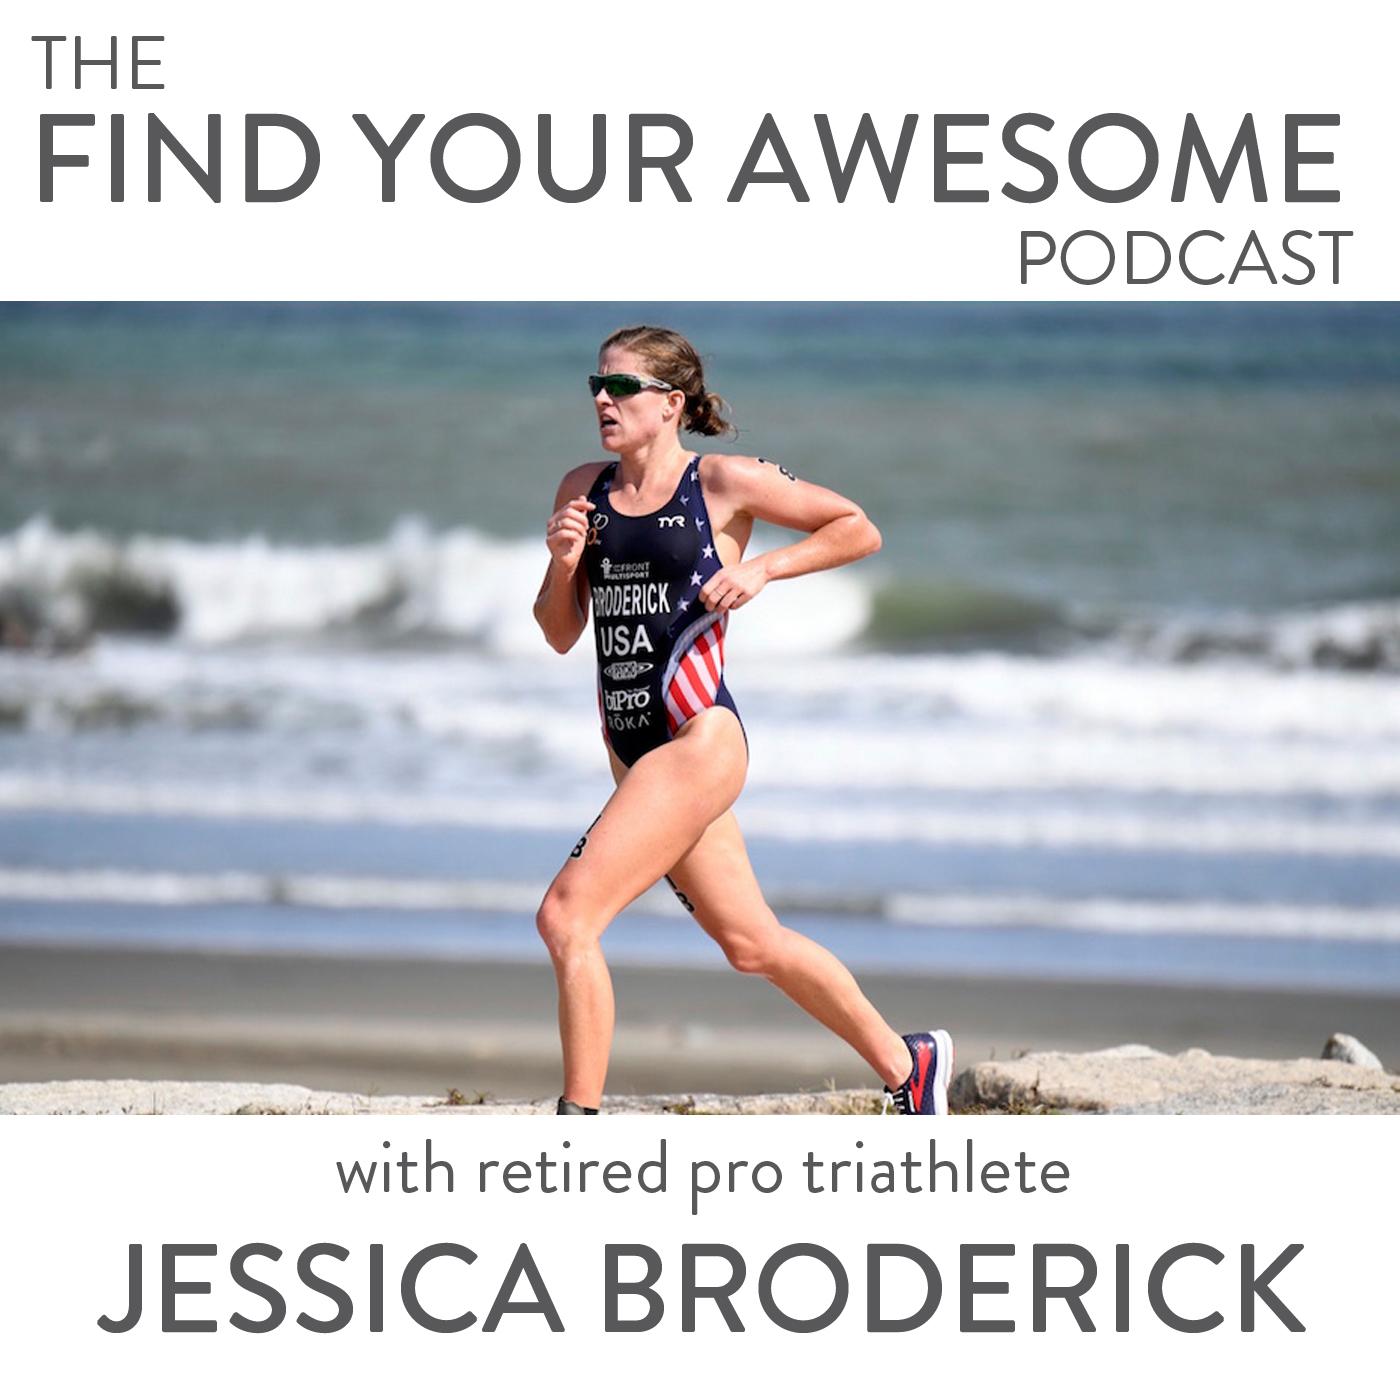 JessicaBroderick_podcast_coverart.jpg